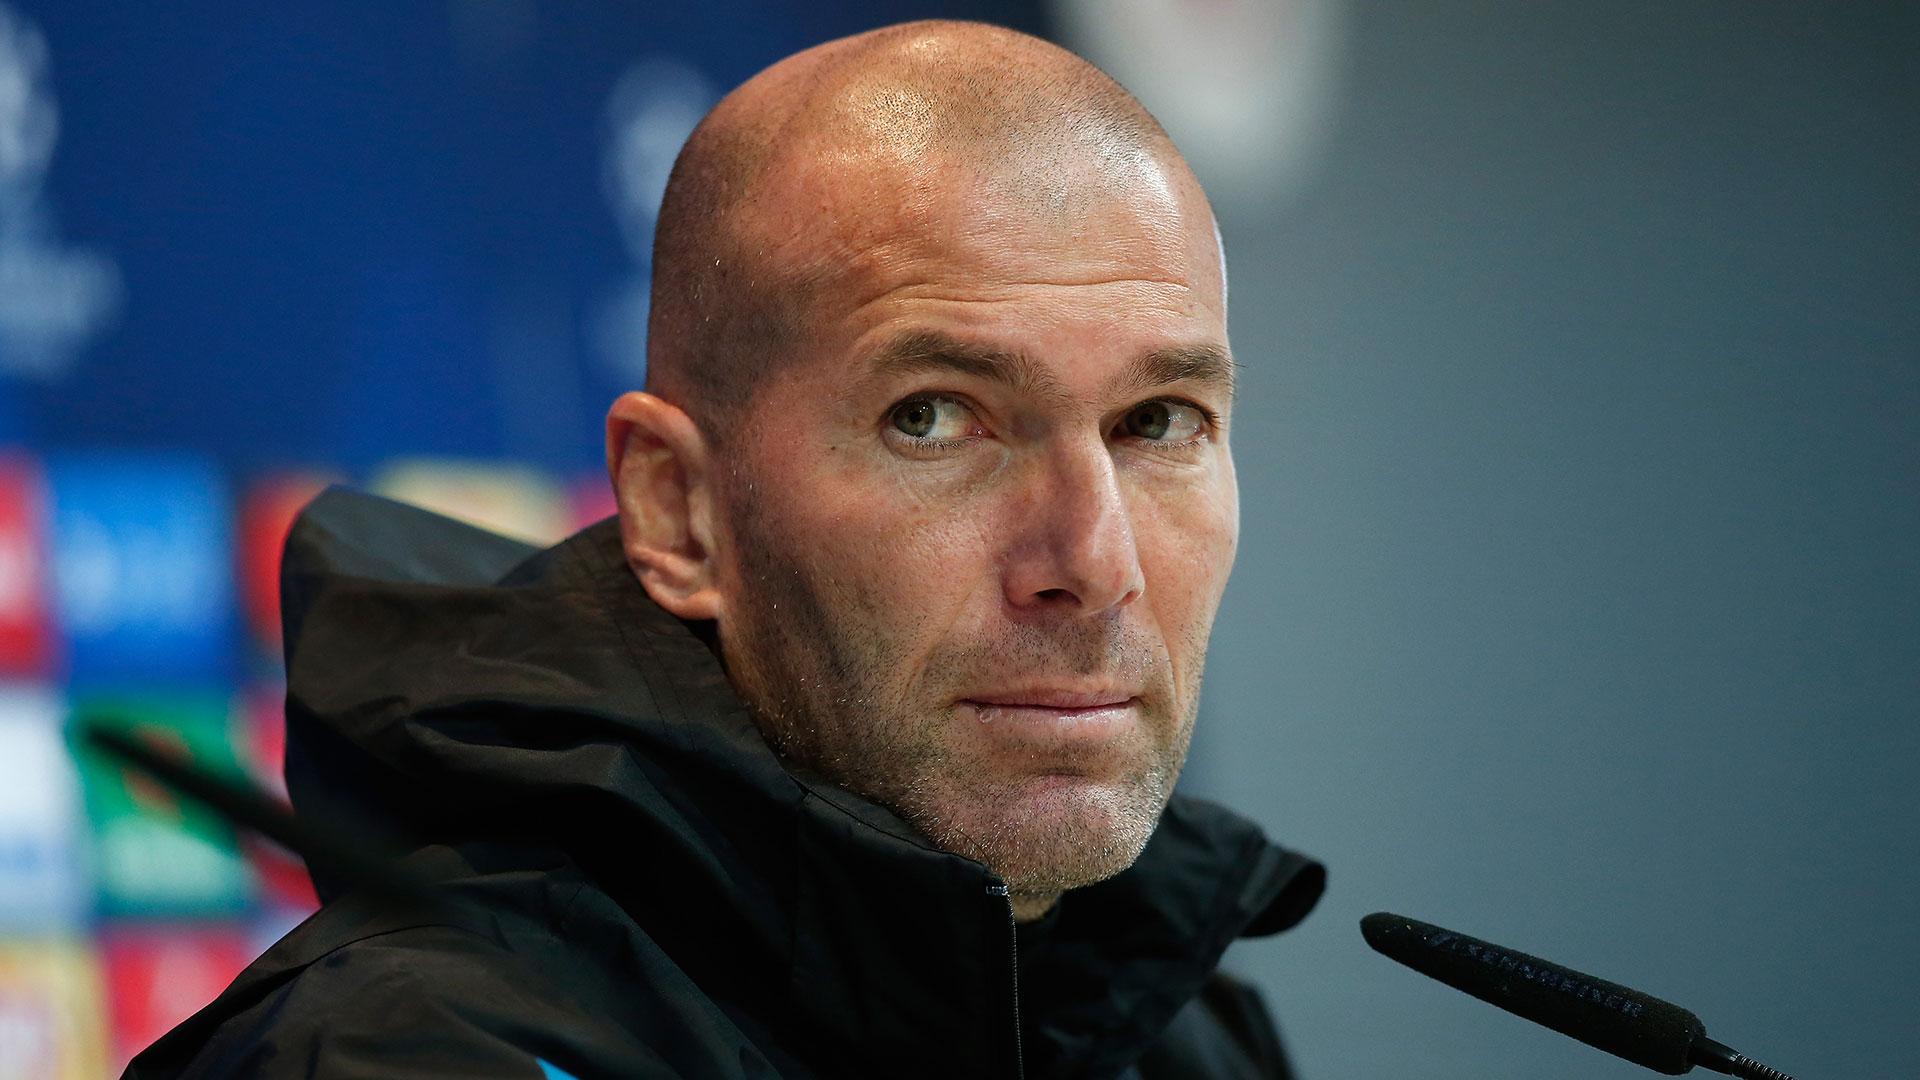 En caso de quedar eliminado, Zidane podría dejar de ser el entrenador del Real Madrid (Getty)